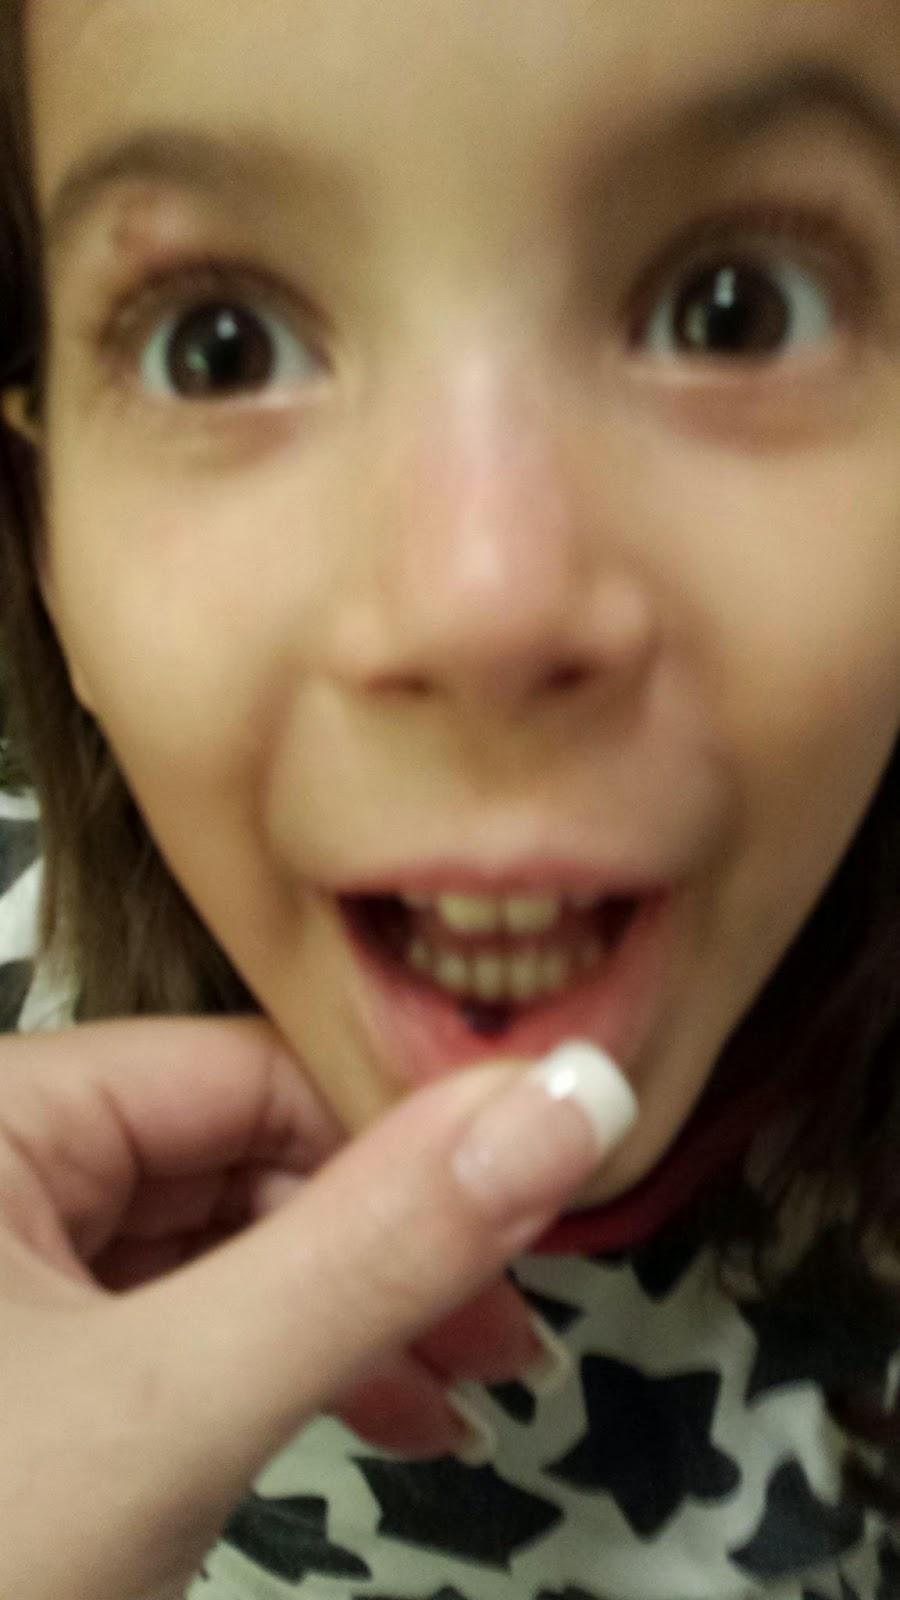 Blodblåsor i munnen